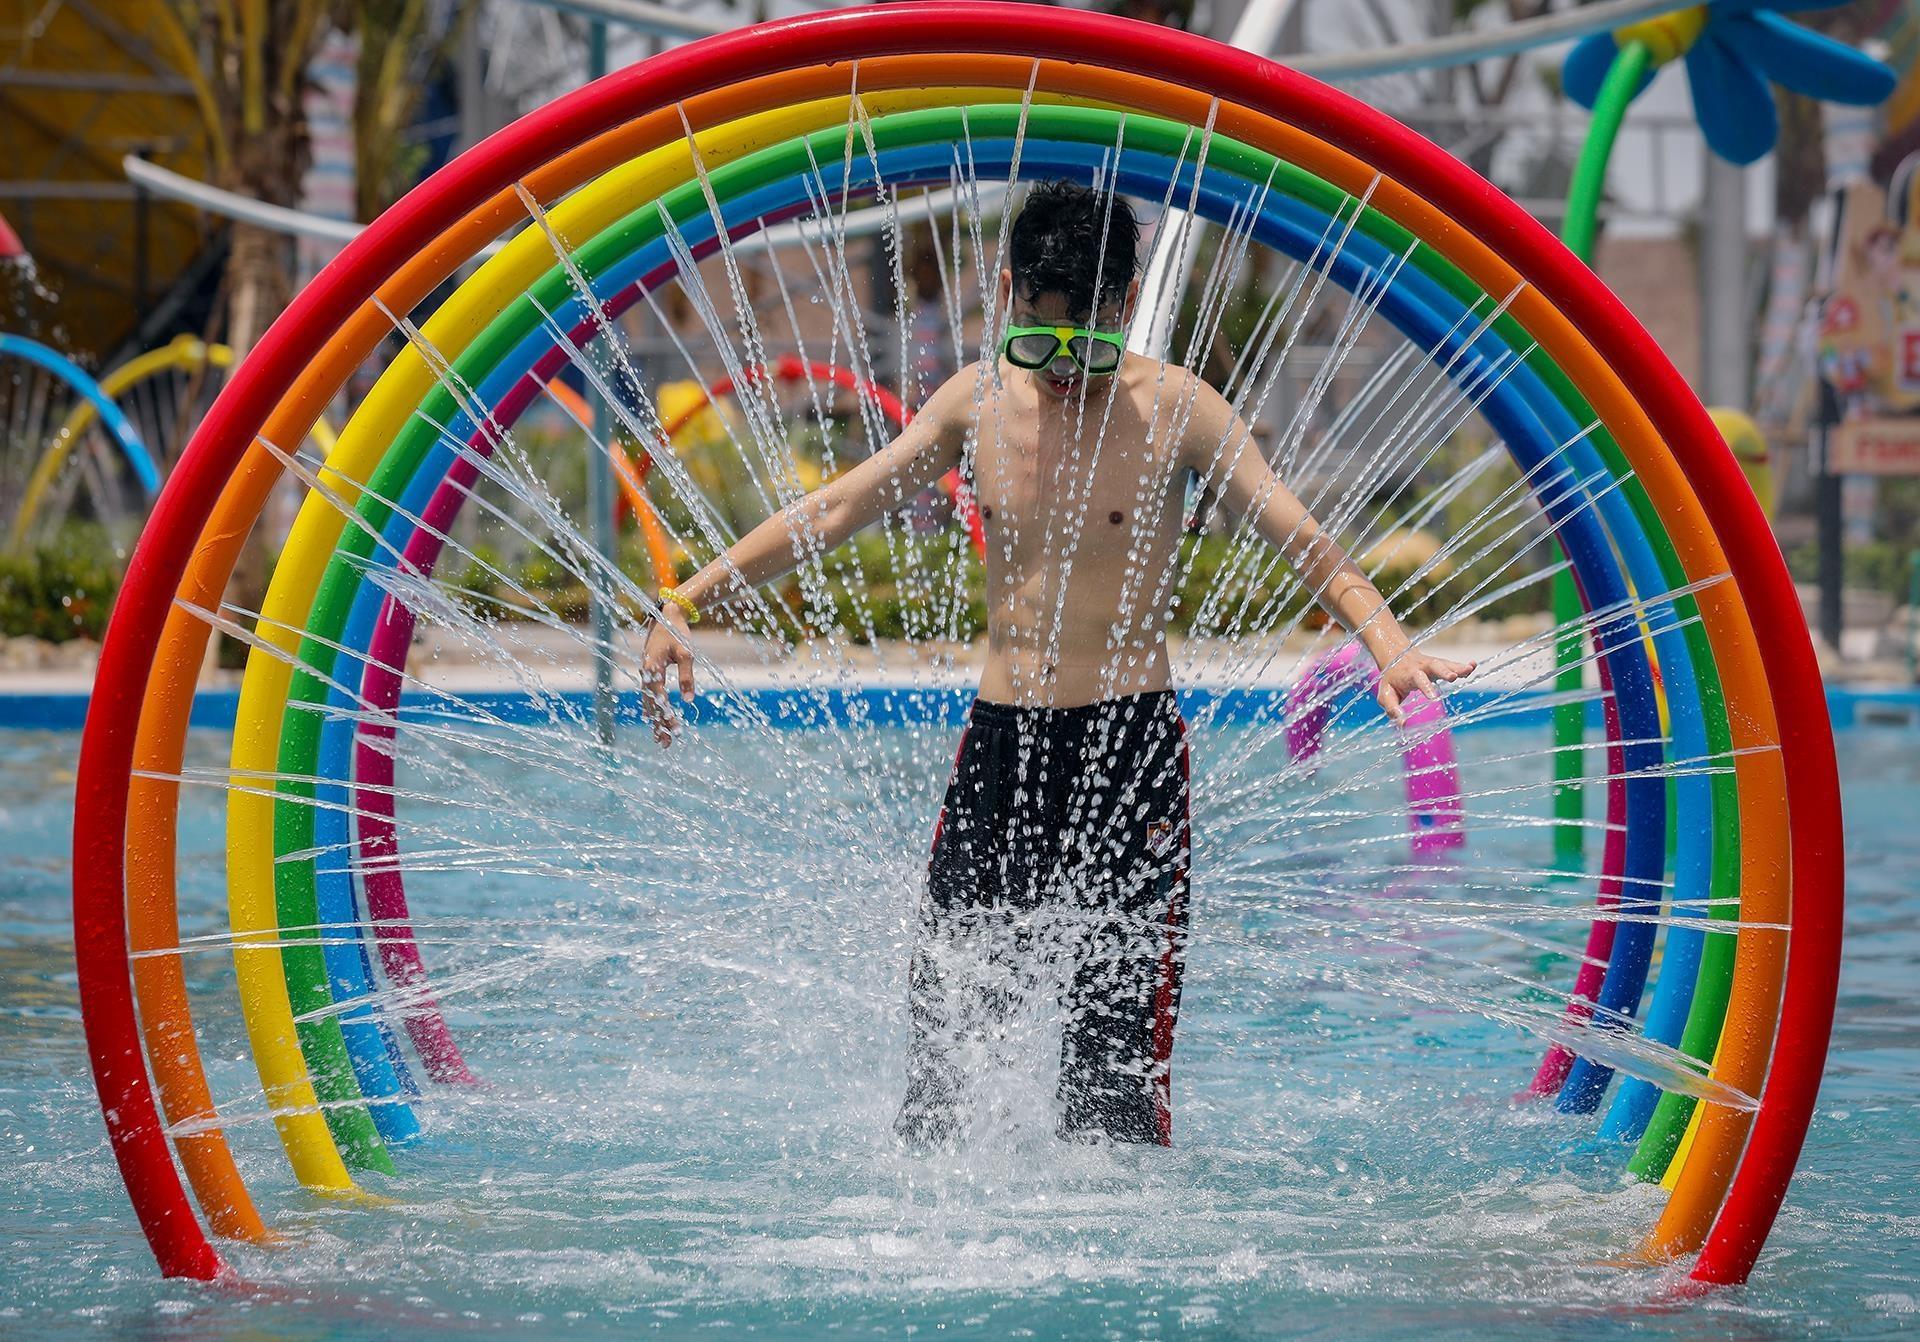 Nhiều thiết bị tạo hình nước gây hứng thú cho khách, đặc biệt là trẻ em.